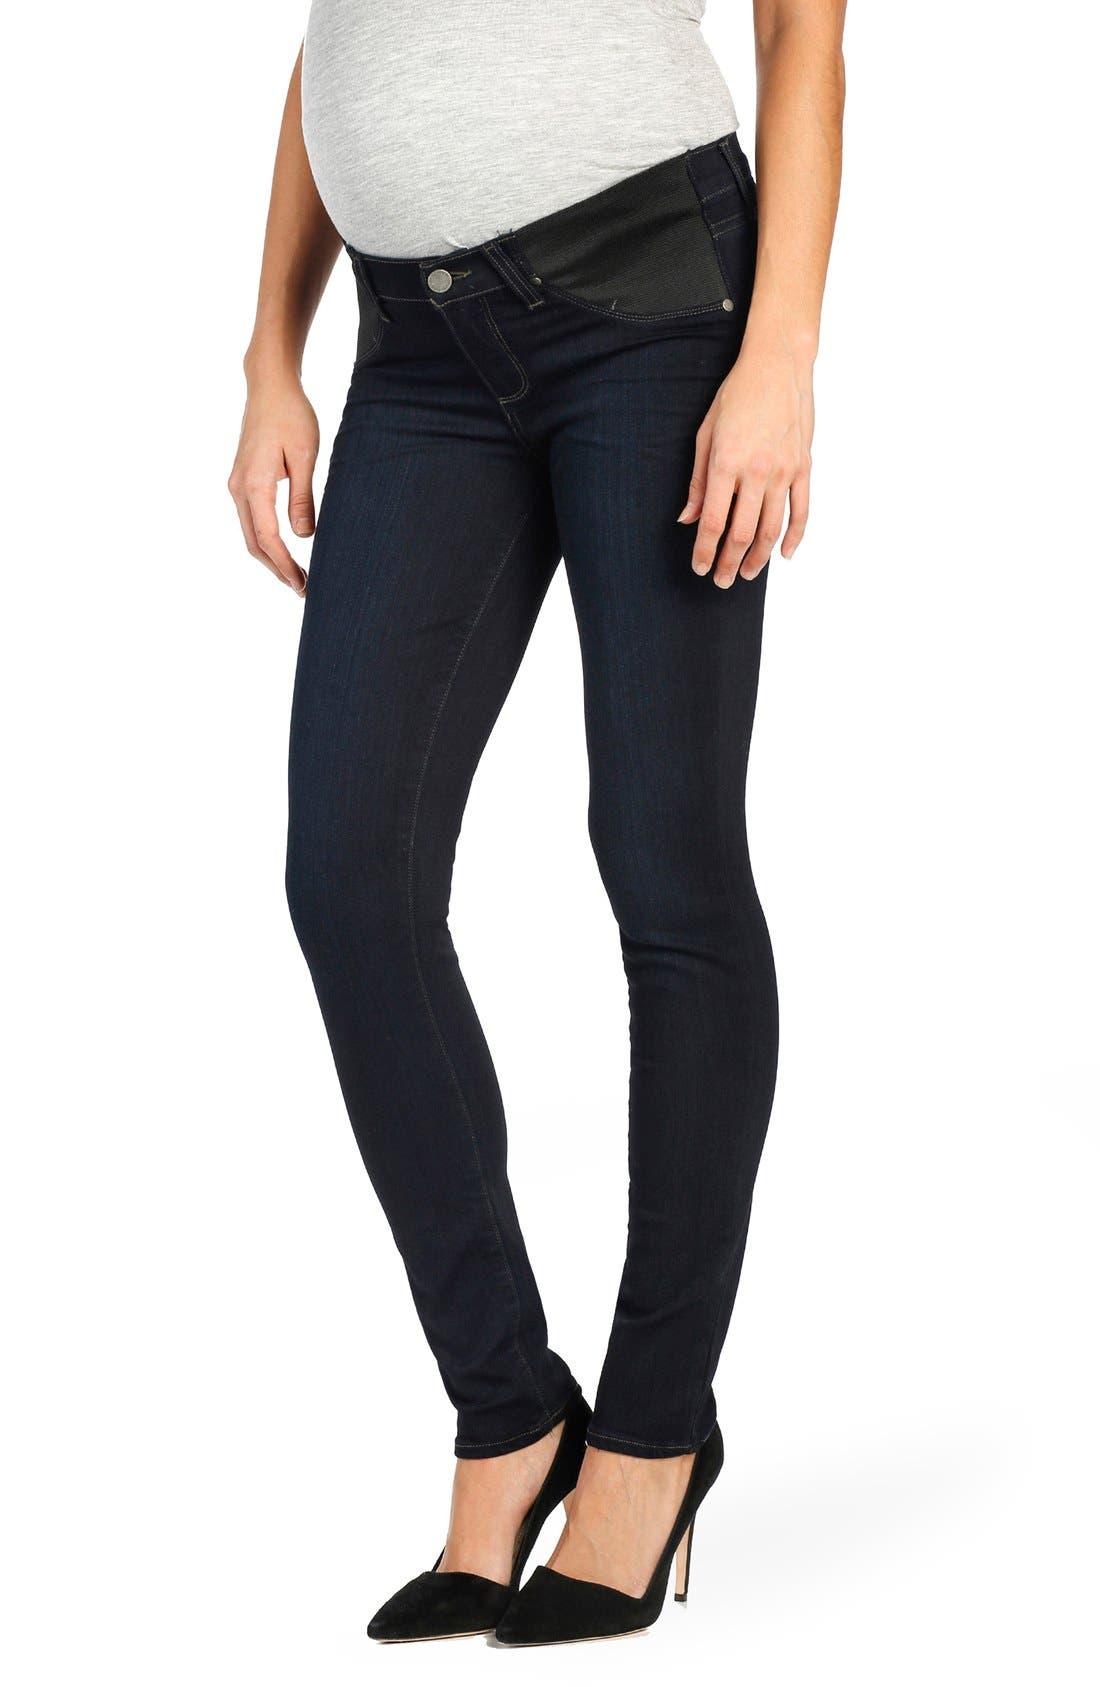 PAIGE 'Transcend - Skyline' Skinny Maternity Jeans